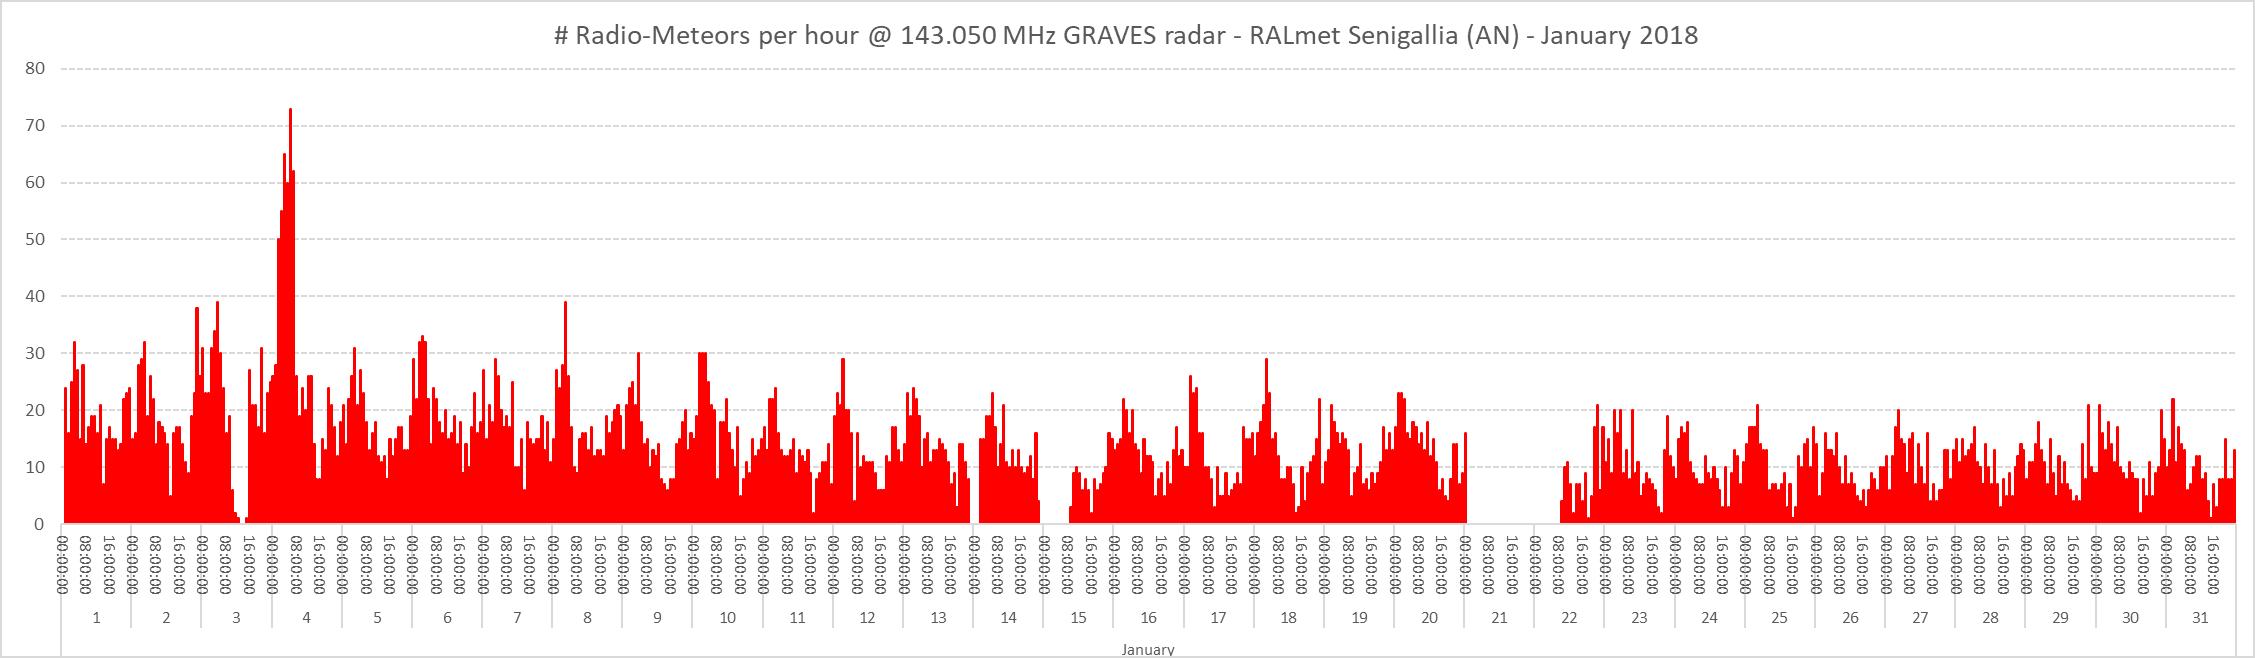 Conteggio del numero di radio-meteore per ora nel mese di Gennaio 2018.